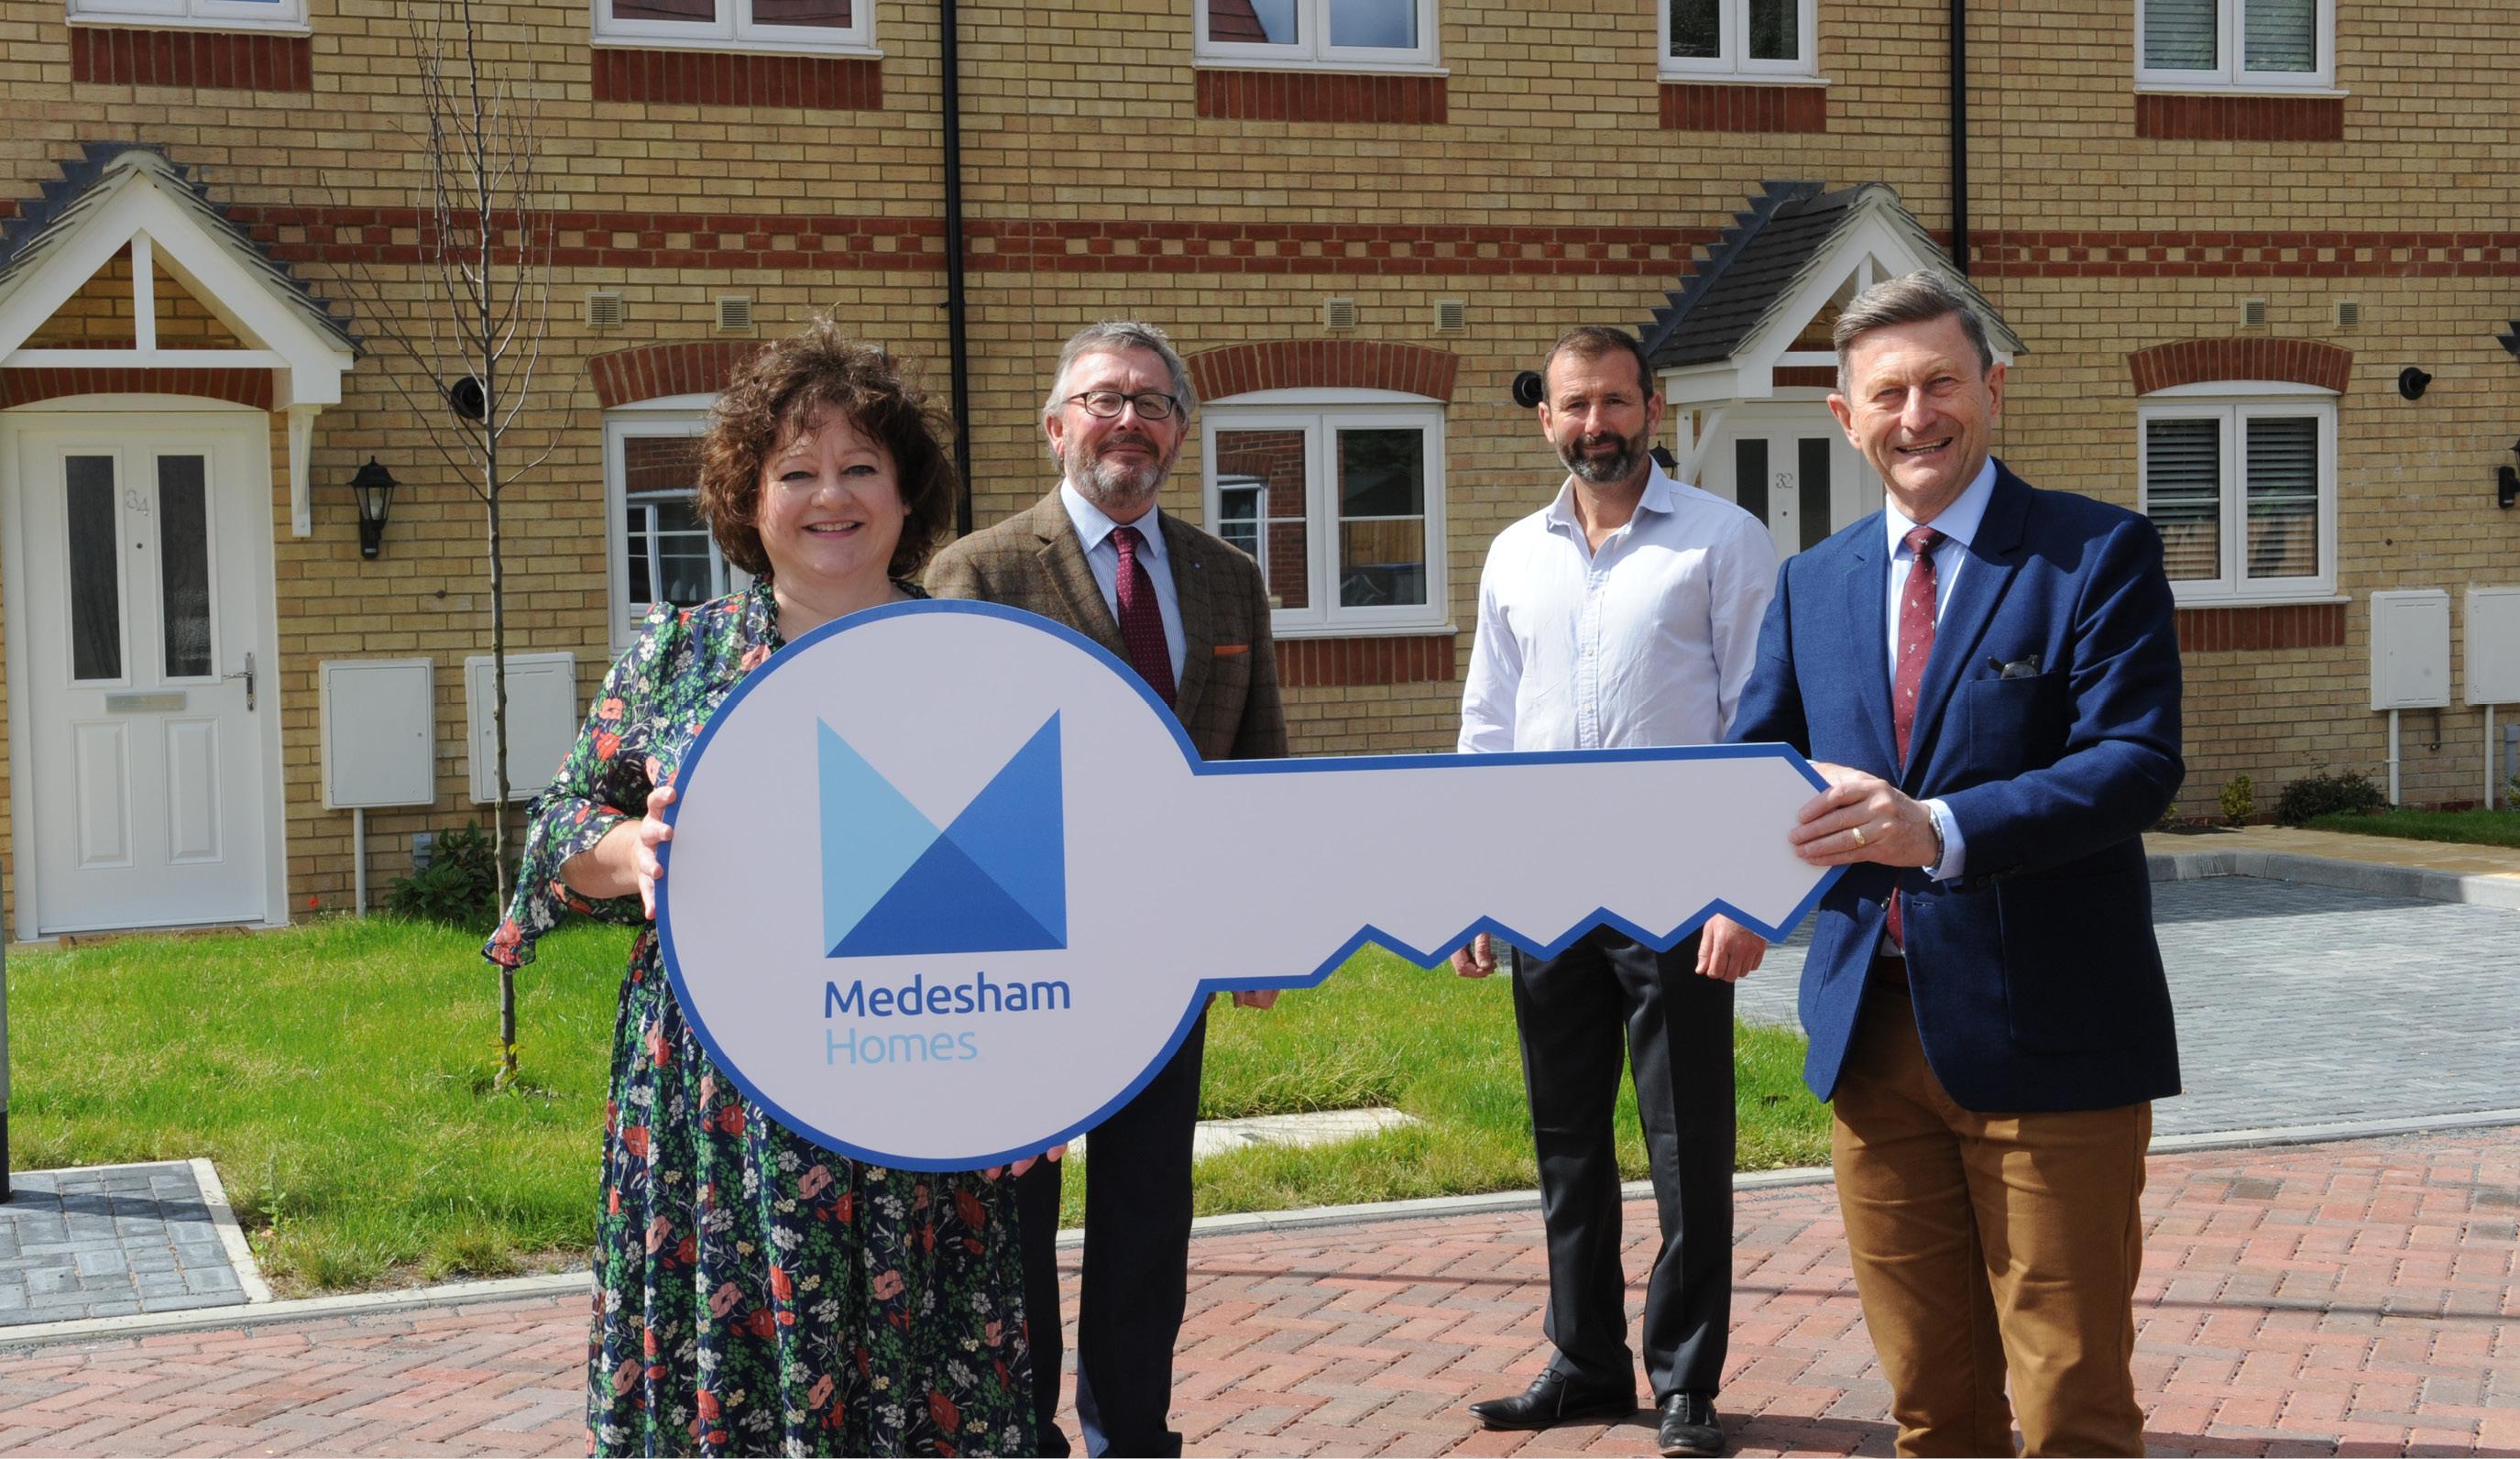 Medesham Homes complete third new development